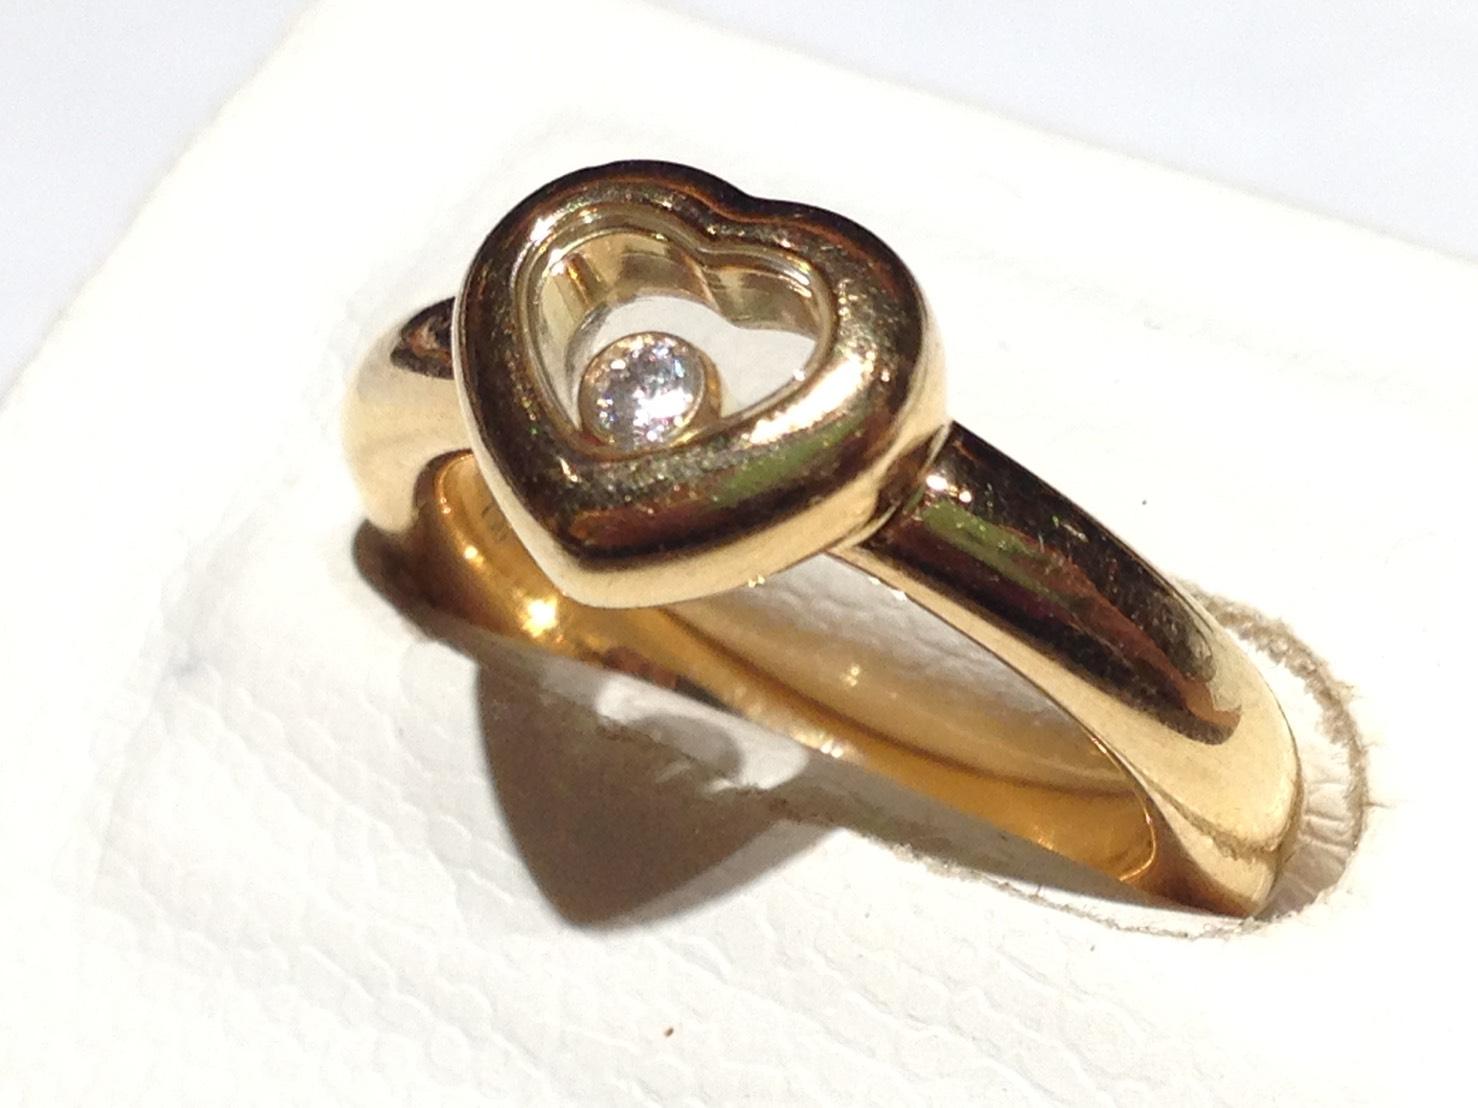 ショパール(Chopard) ハッピーダイヤモンド リング ブランドジュエリー 北山店